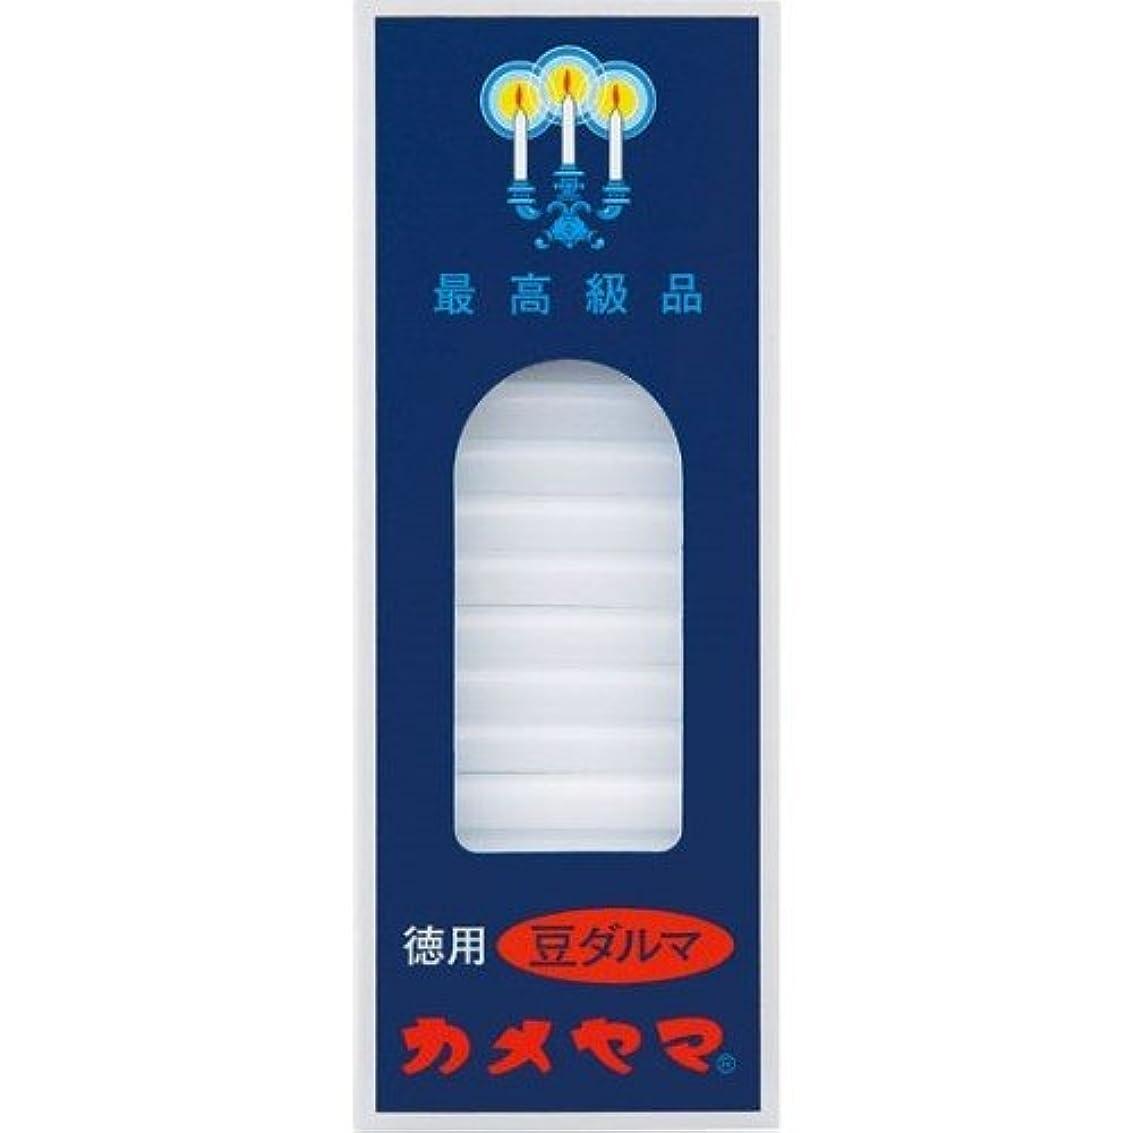 関連付けるラジカル図カメヤマ ローソク徳用マメダルマ 225g